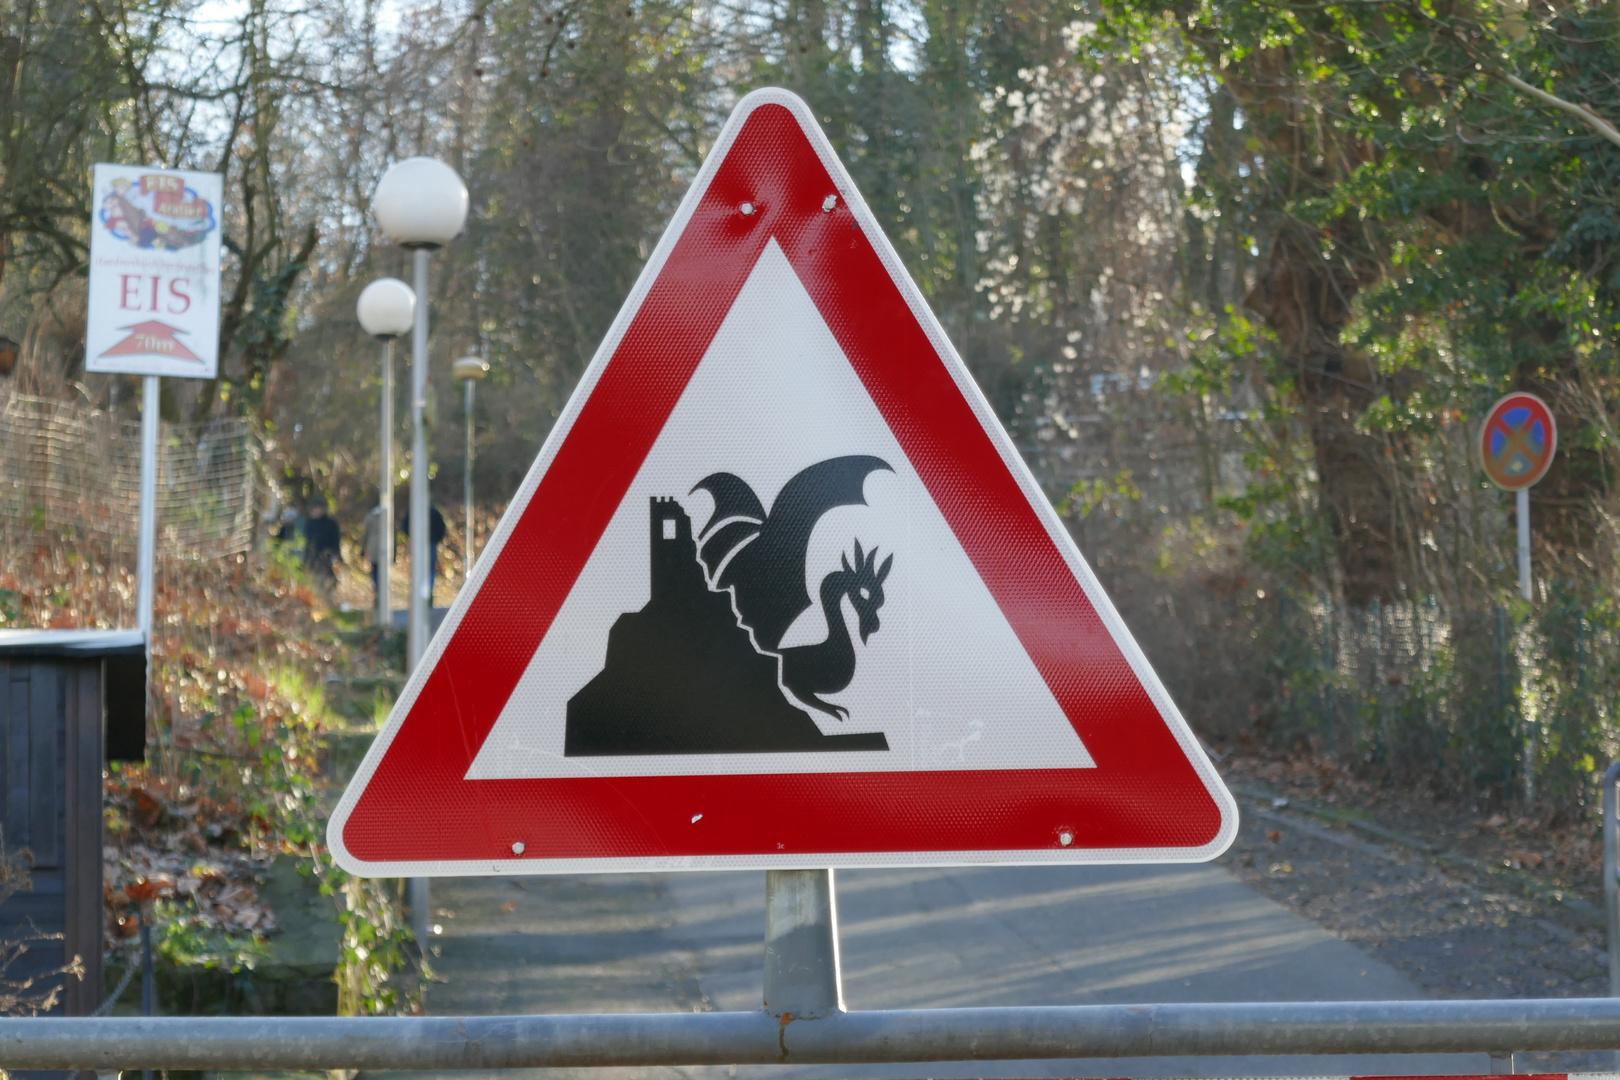 Vorsicht Drache vorraus :-)